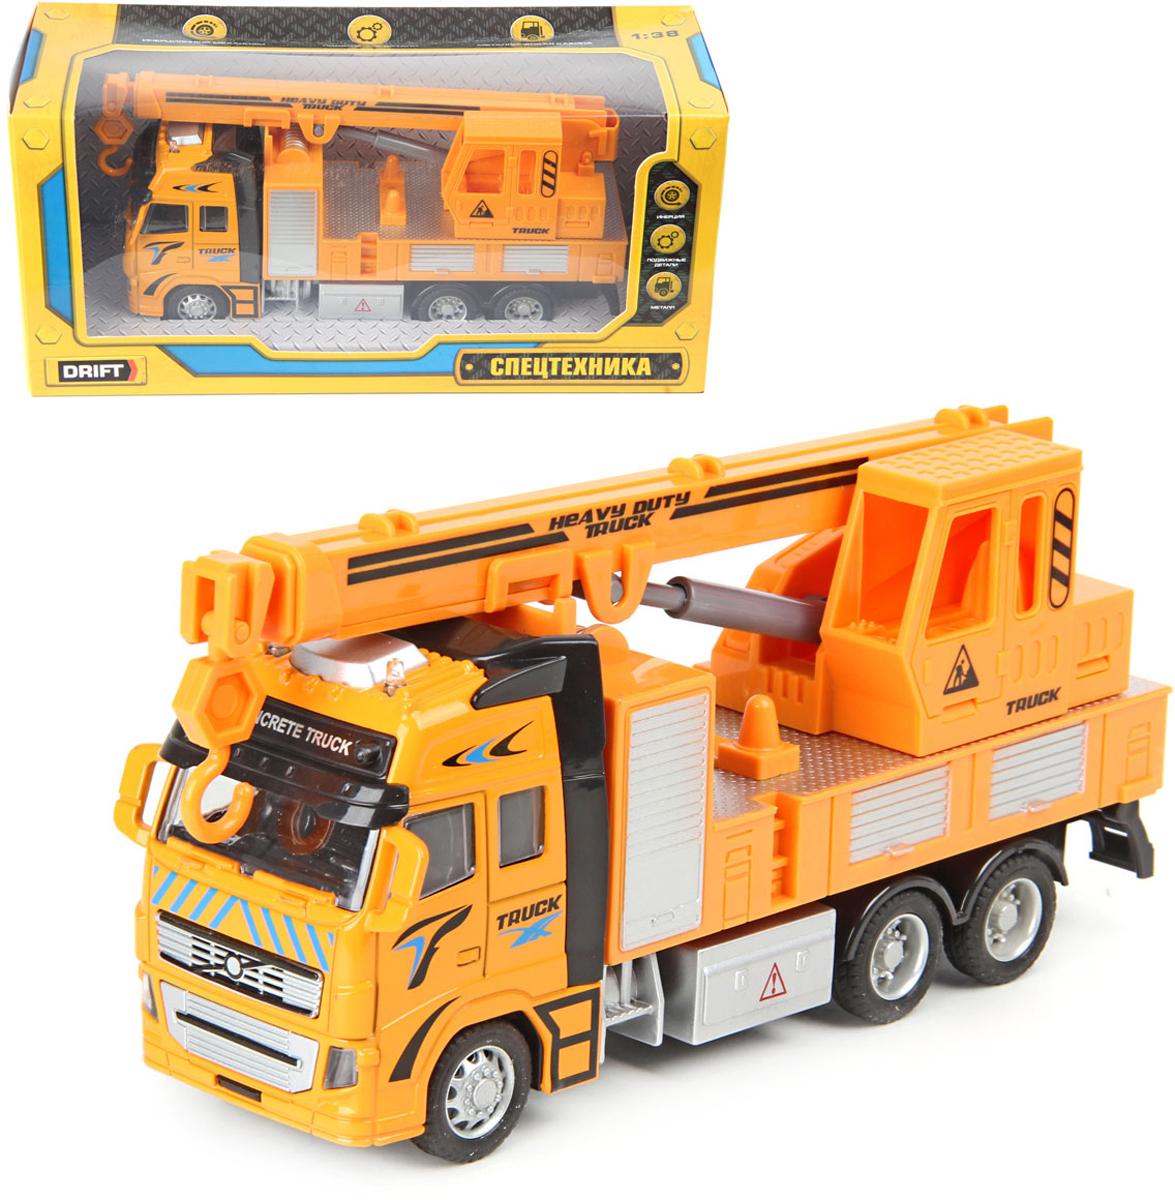 Подъёмный кран инерционный Drift, 1:38, 73380 инерционная металлическая машинка play smart 1 52 грузовик огнеопасно красный 16x6x7 65см